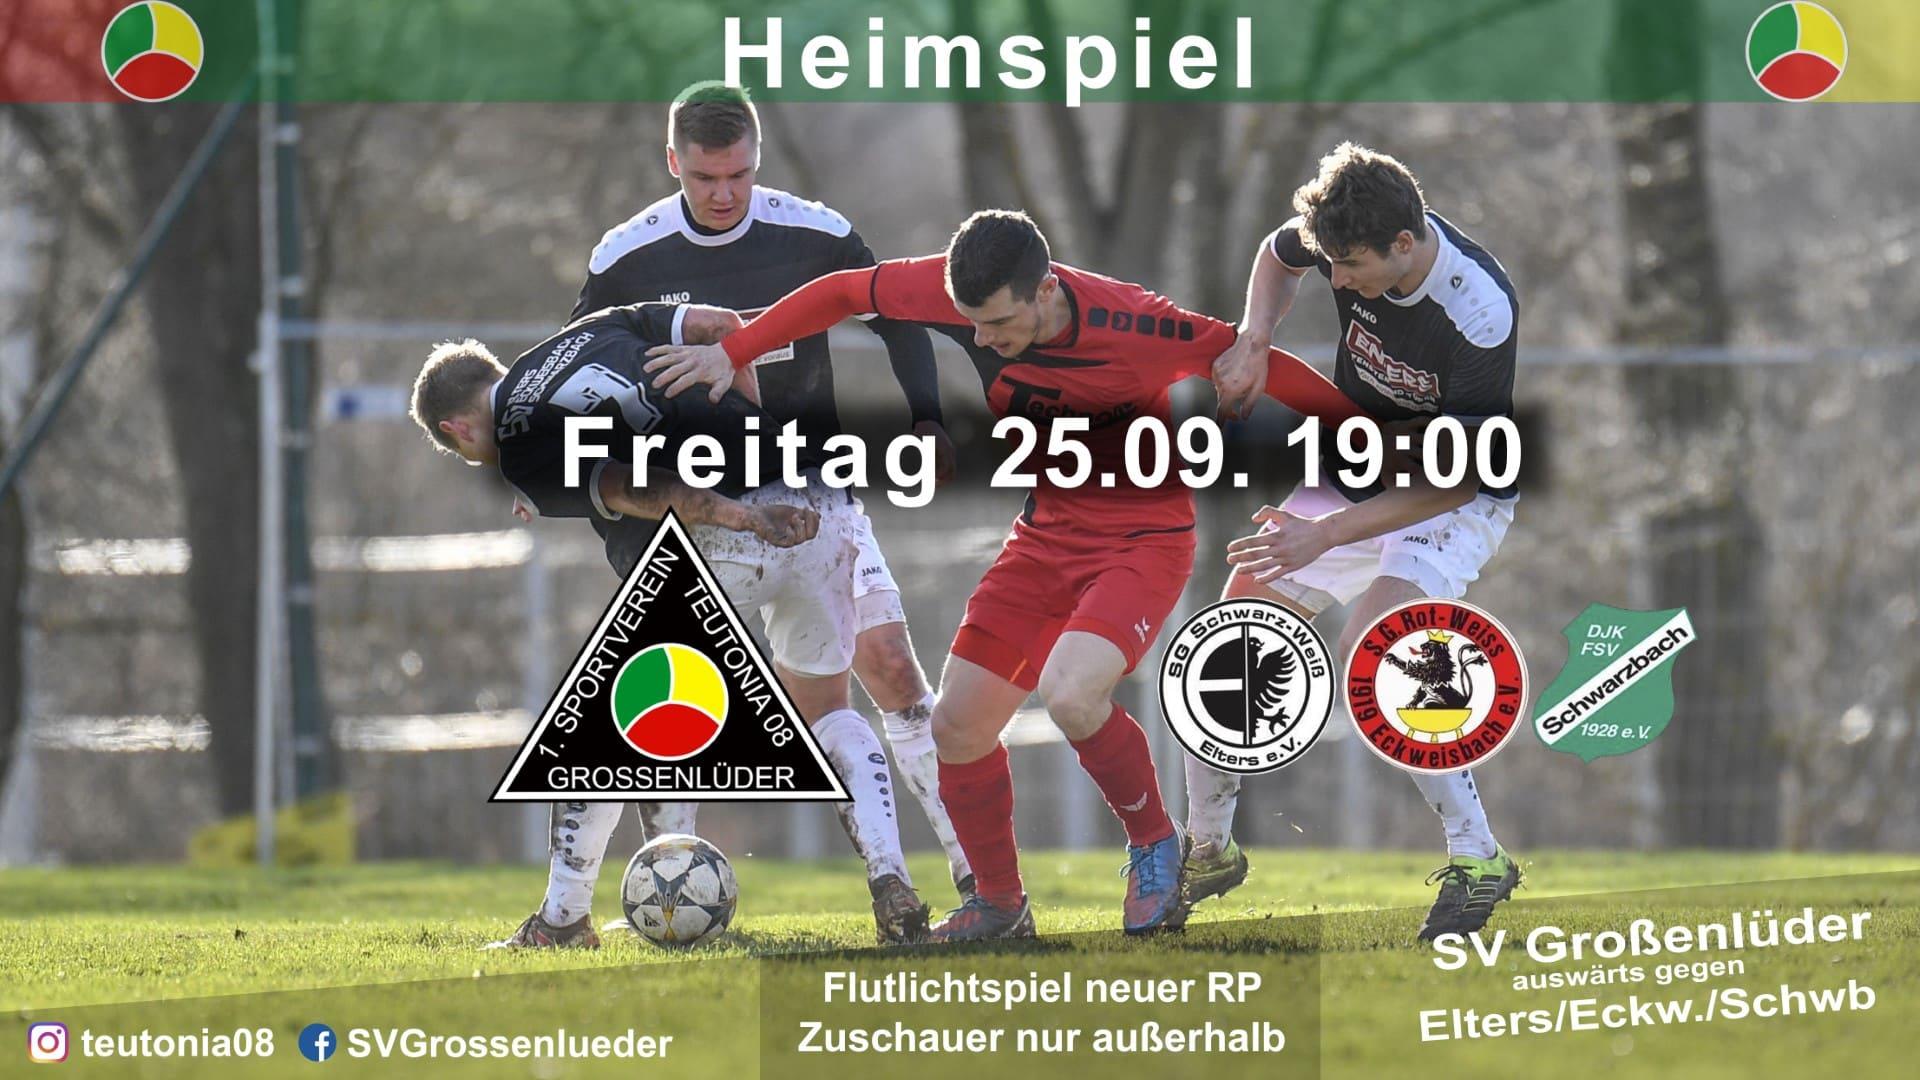 Großenlüder_Elters-Eckweisbach-Schwarzbach_2020